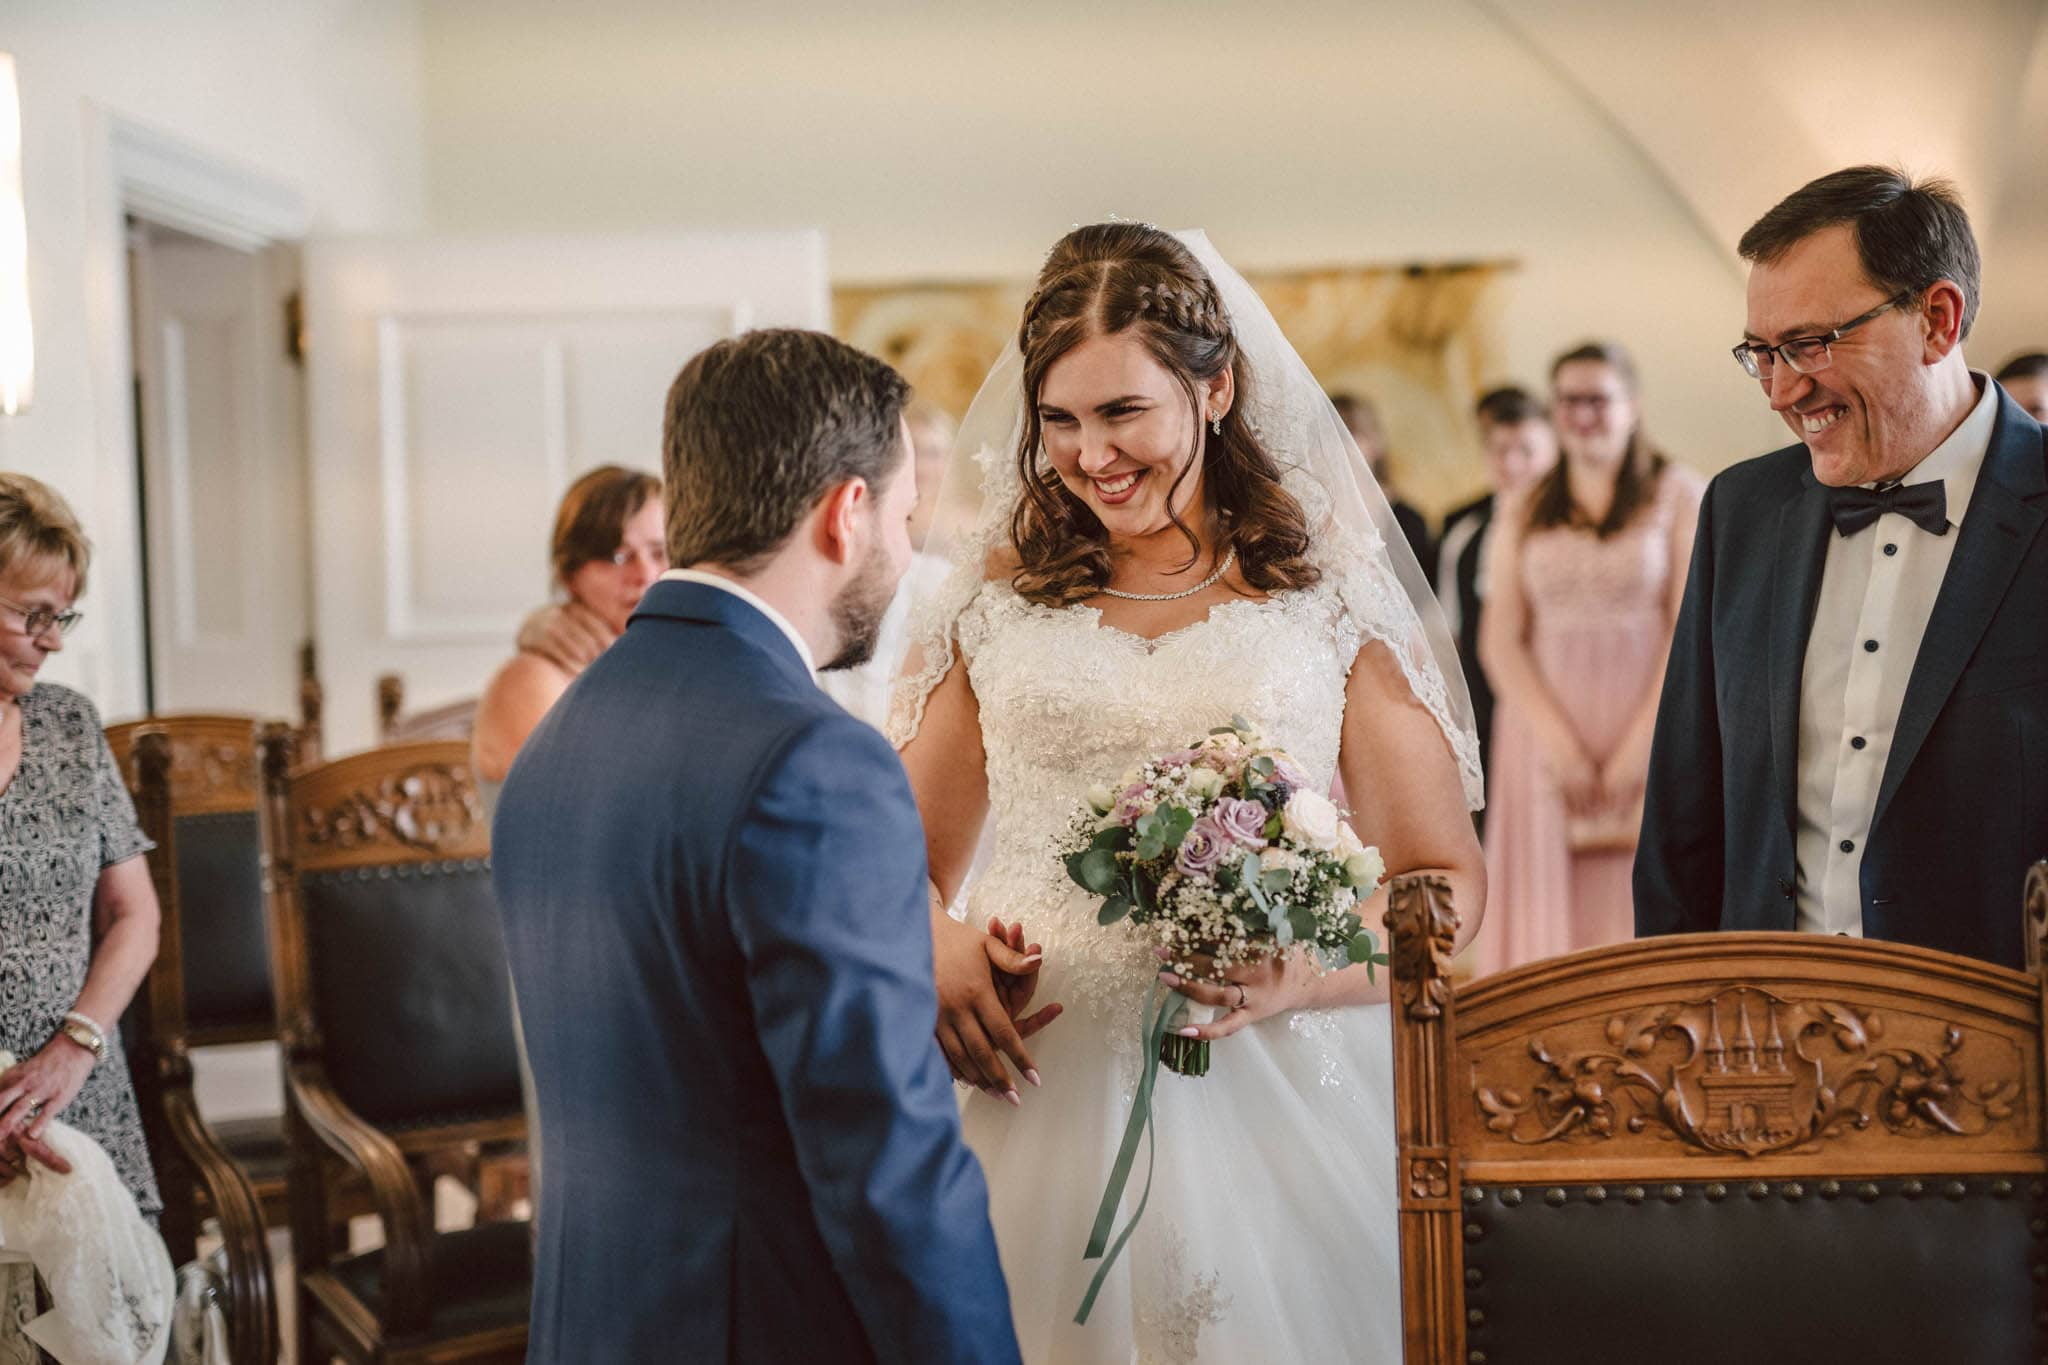 Hochzeitsfieber by Photo-Schomburg, Hochzeitsfotograf, Hamburg, Altona, wedding, Standesamt Altona, Appen, Hochzeitsshooting, Hochzeitstag, Brautpaar-42